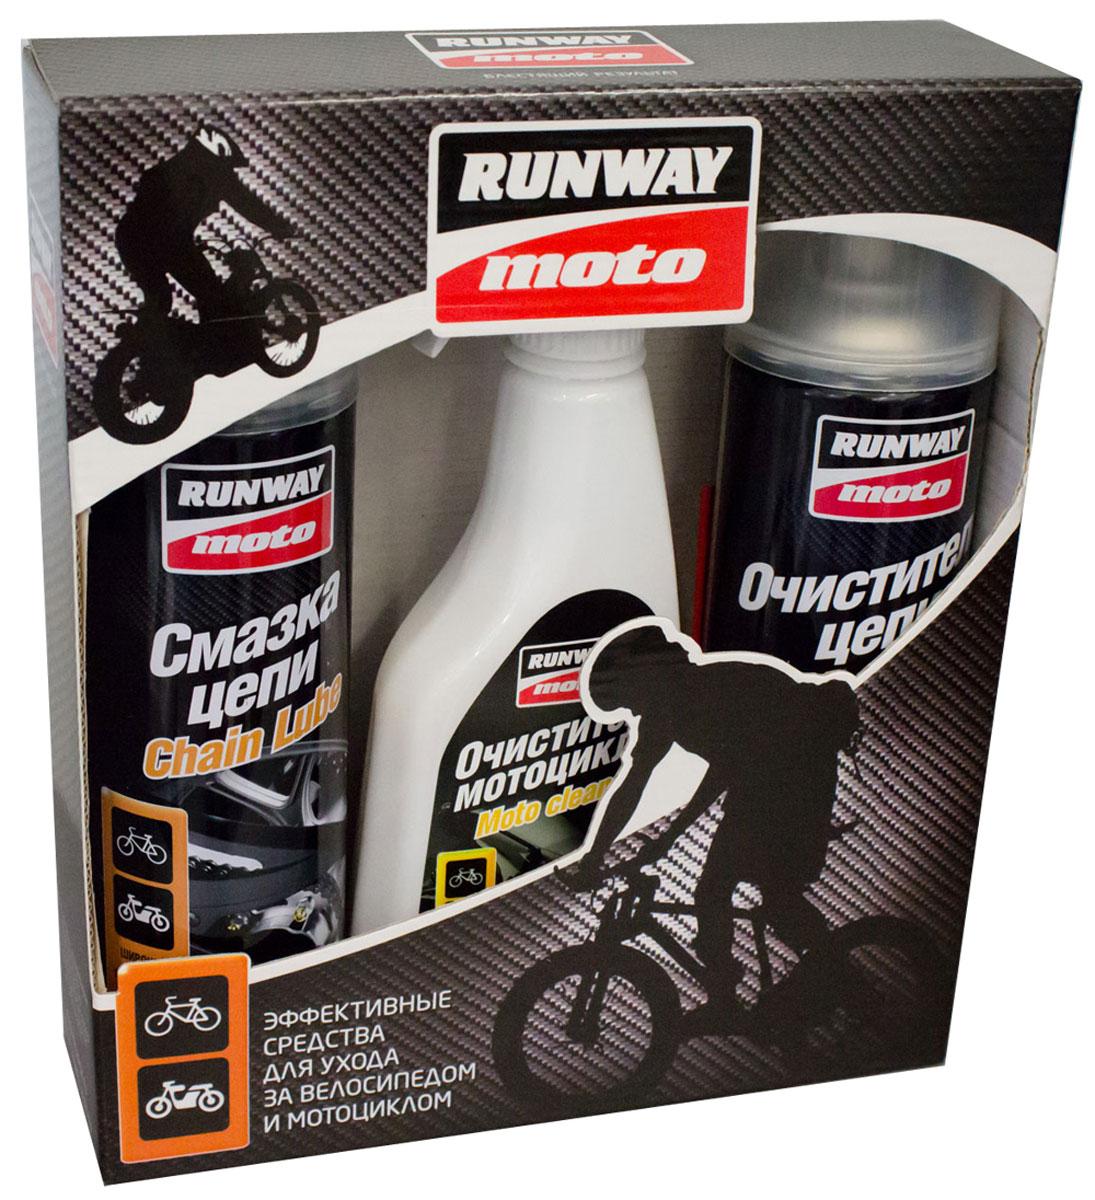 Автомобильный набор Runway, смазка цепи, очиститель цепи, очиститель мотоцикла1059Н, RW8000, RW8001, RW8002Автомобильный набор Runway состоит из трех эффективных средств для ухода за велосипедом и мотоциклом. Высокоэффективная универсальная смазка цепи Runway обладает отличной проникающей, смазывающей и сцепляющей способностью, устойчива к воде, низким и высоким температурам. Снижает растяжение цепи, уменьшает трение и обеспечивает продолжительный срок ее службы, предотвращая коррозию. Смазка применяется для цепей городских мотоциклов, велосипедов, мопедов,мотороллеров, сельскохозяйственной техники, а также подходит для оплеток, тросов, звезд и мелких деталей. Безопасна для O-Ring и Х-Ring уплотнений. Высокоэффективный активный очиститель цепи Runway создан на основе особой комбинации растворителей и обеспечивает быструю и эффективную очистку и обезжиривание приводных цепей любых транспортных средств. Превосходно смывает грязь, старую смазку, мазут, песок, масло и пыль. Очиститель цепи Runway специально разработан для очистки цепей мотоциклов, мопедов, велосипедов, мотороллеров, картингов. Протестирован с цепями с O-Ring и Х-Rings уплотнениями. Совместим с устройствами для мойки цепи. При регулярном использовании значительно продлевает срок службы цепи. Не требует смывания. Очиститель мотоцикла Runway быстро и эффективно удаляет грязь, гудрон, масляные и жировые отложения, насекомых и прочие загрязнения. Обладает отличным проникающим и обезжиривающим действием. Очищает все металлические и пластиковые поверхности, не повреждая их. Безопасен для резиновых, пластиковых и металлических покрытий. После применения оставляет интенсивный блеск. Не оставляет следов. Применяется для очистки мотоциклов, велосипедов, мопедов, мотороллеров, скутеров и других транспортных средств.